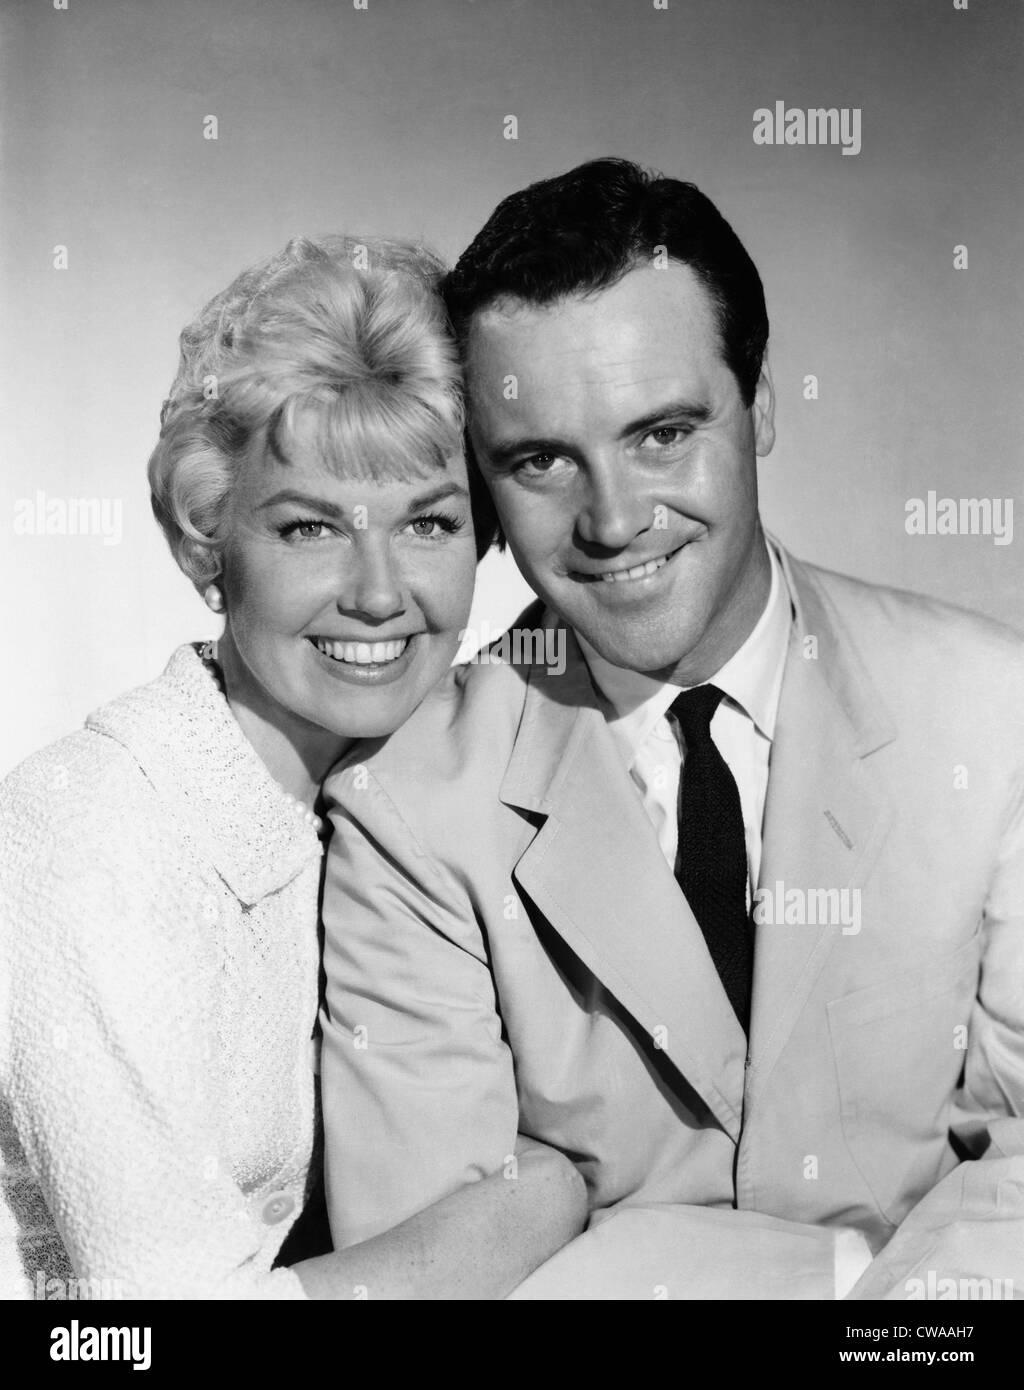 Es geschah zu JANE, Doris Day, Jack Lemmon, 1959. Höflichkeit: CSU Archive / Everett Collection Stockbild